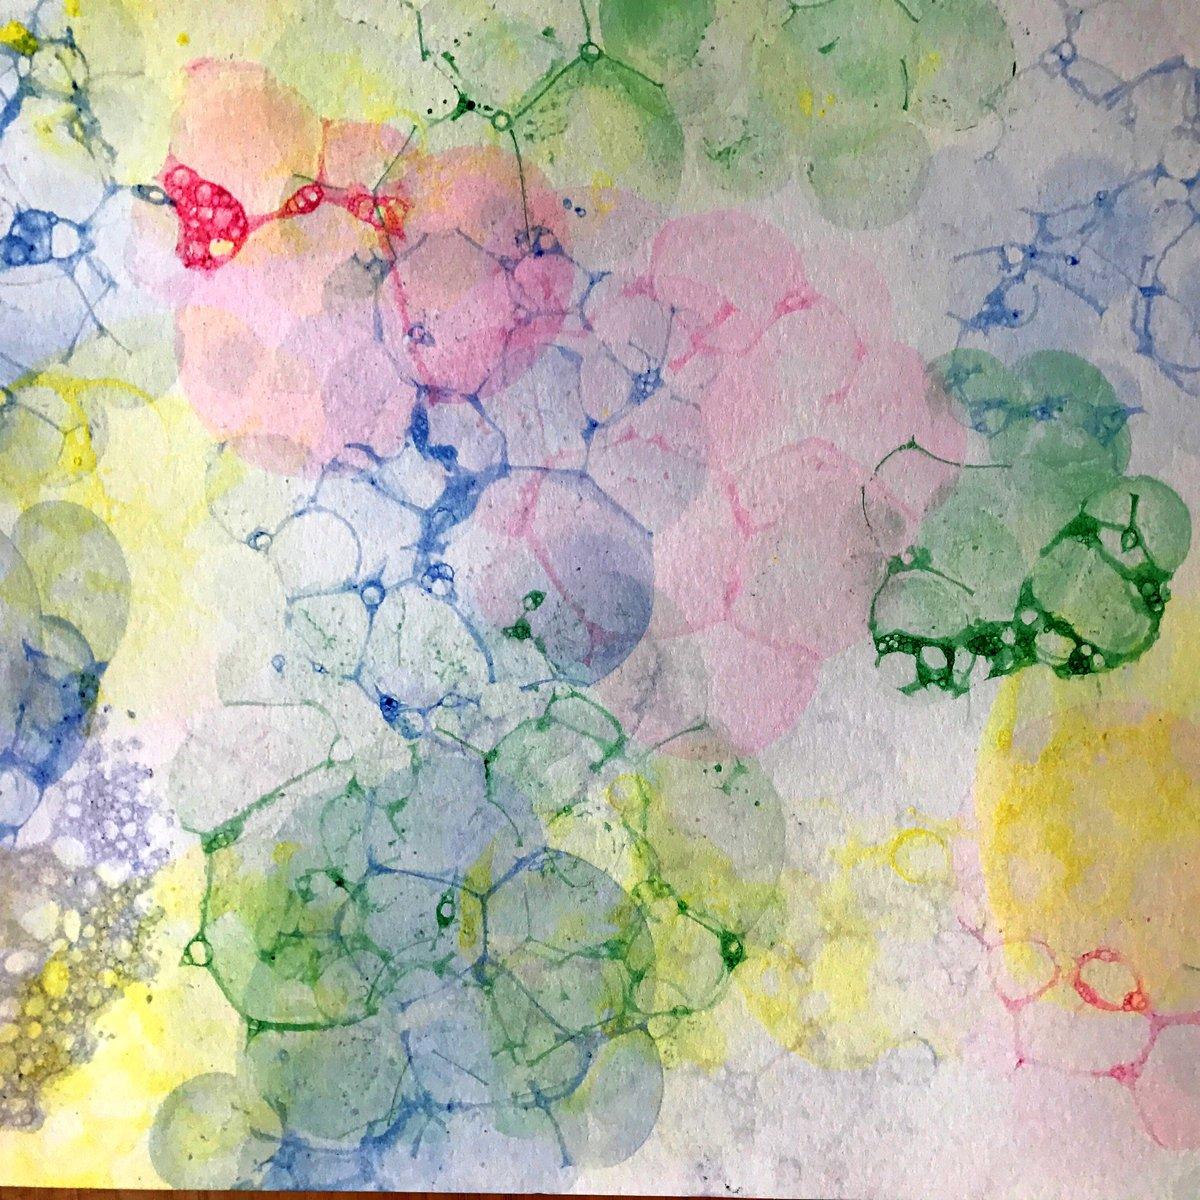 поэтапное рисование мыльными пузырями картинки хруста